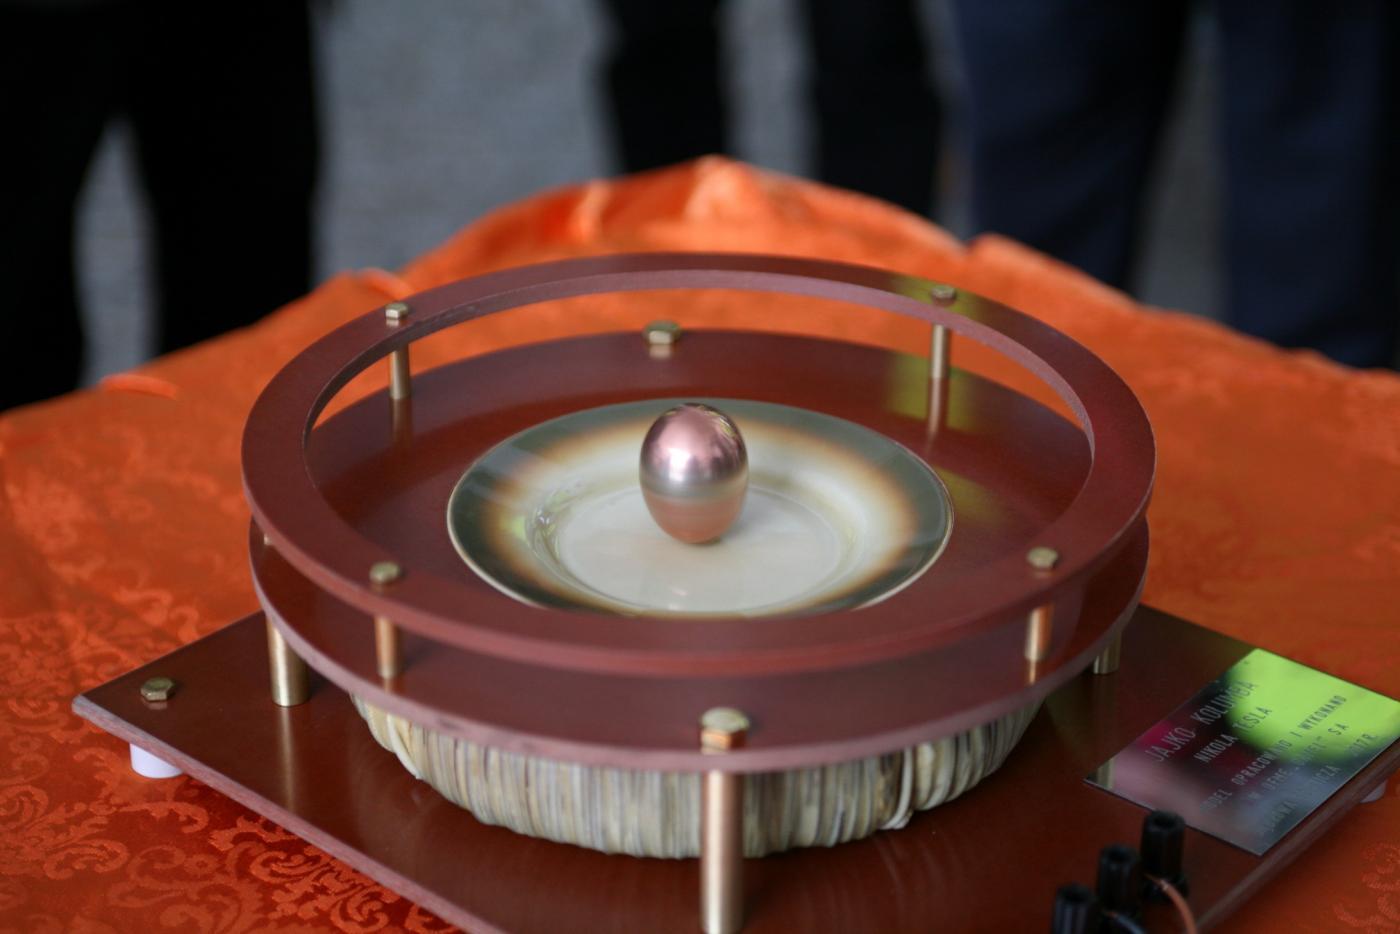 Elektrotechniczne Jajko Kolumba w Muzeum Energetyki